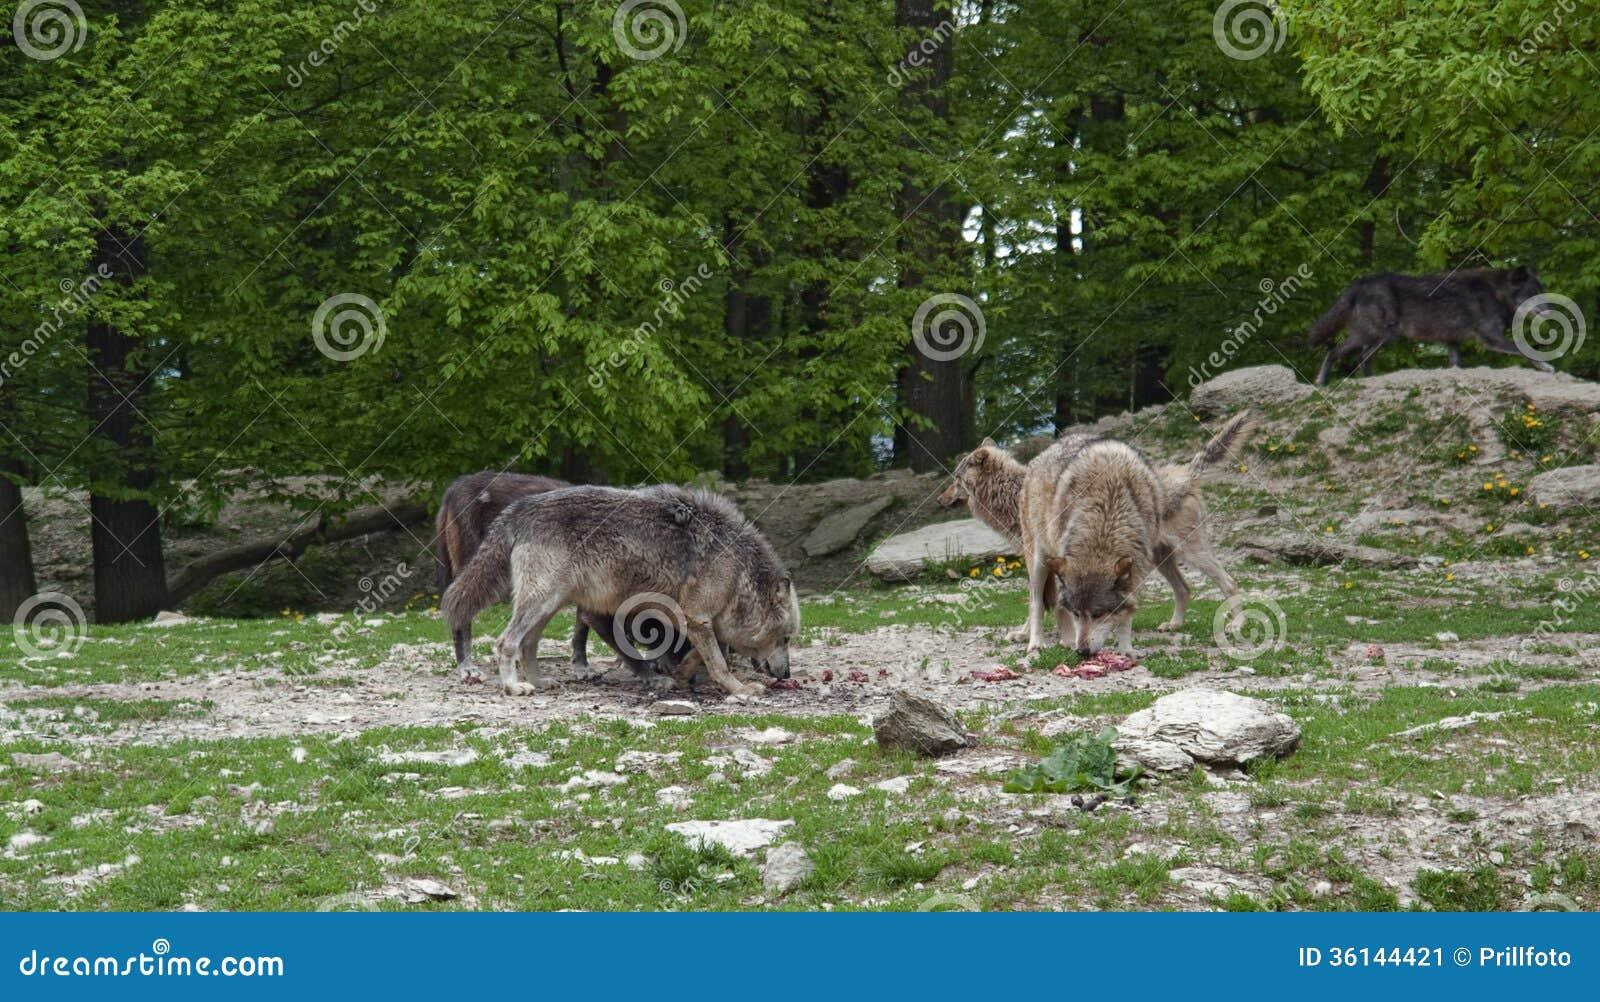 Pak wolven bij voer